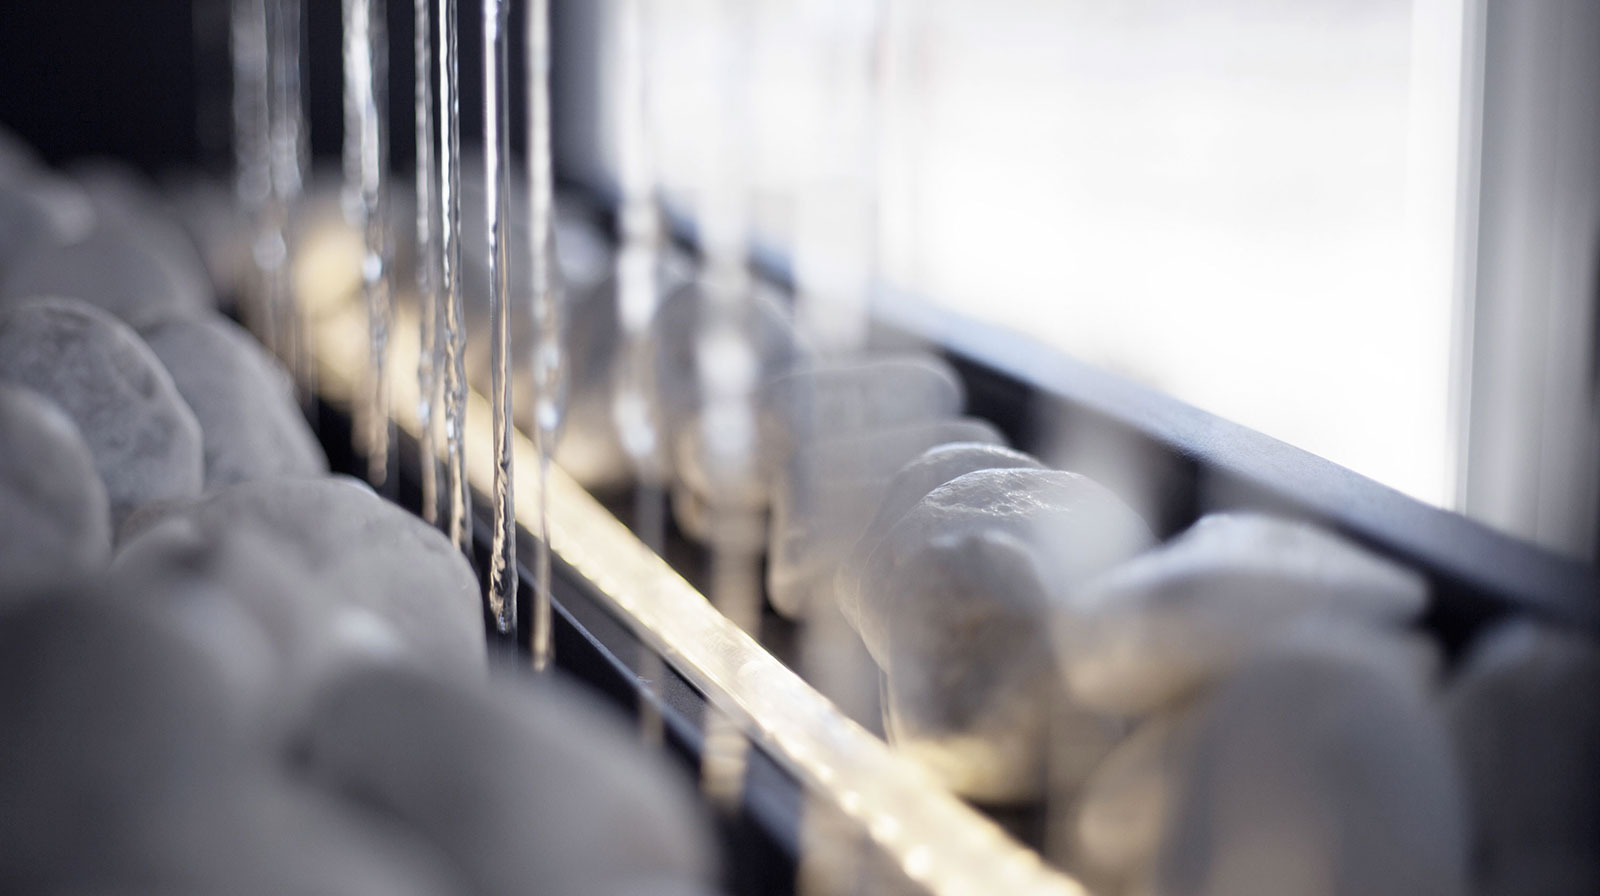 Vue de détail de la fontaine fil d'eau : cailloux blancs sur lesquels coule un mur d'eau